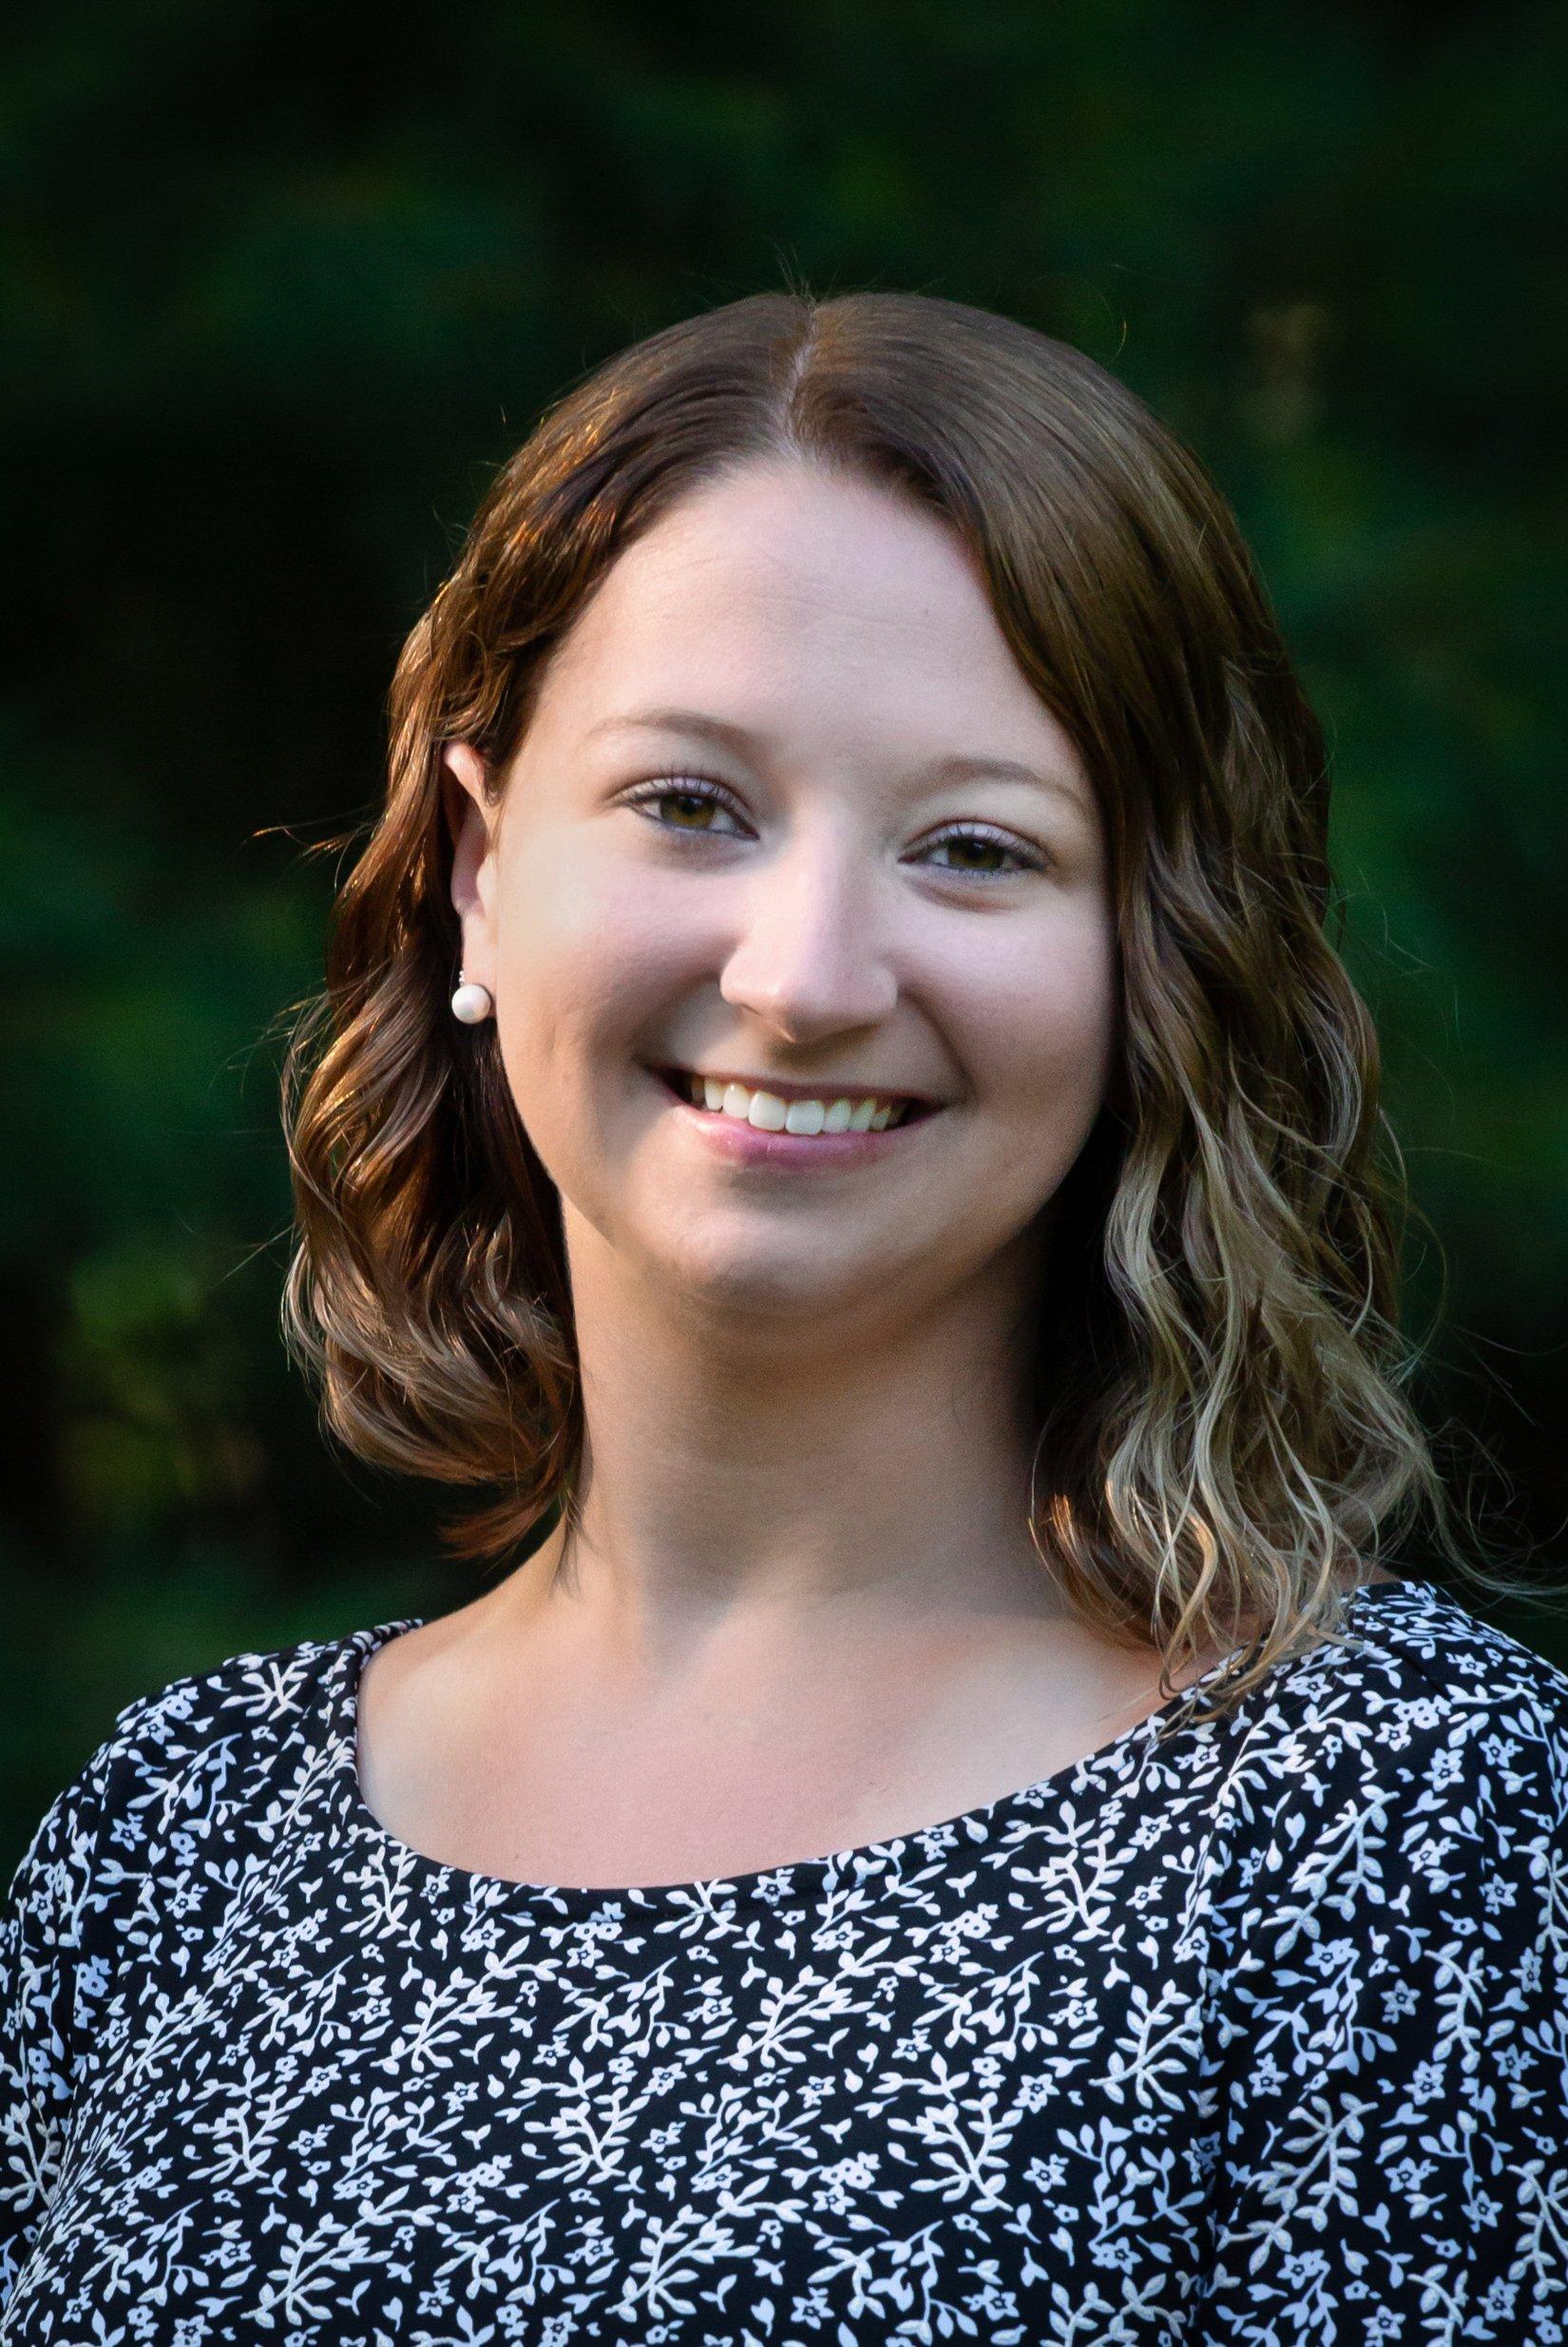 Kimberly McLaughlin